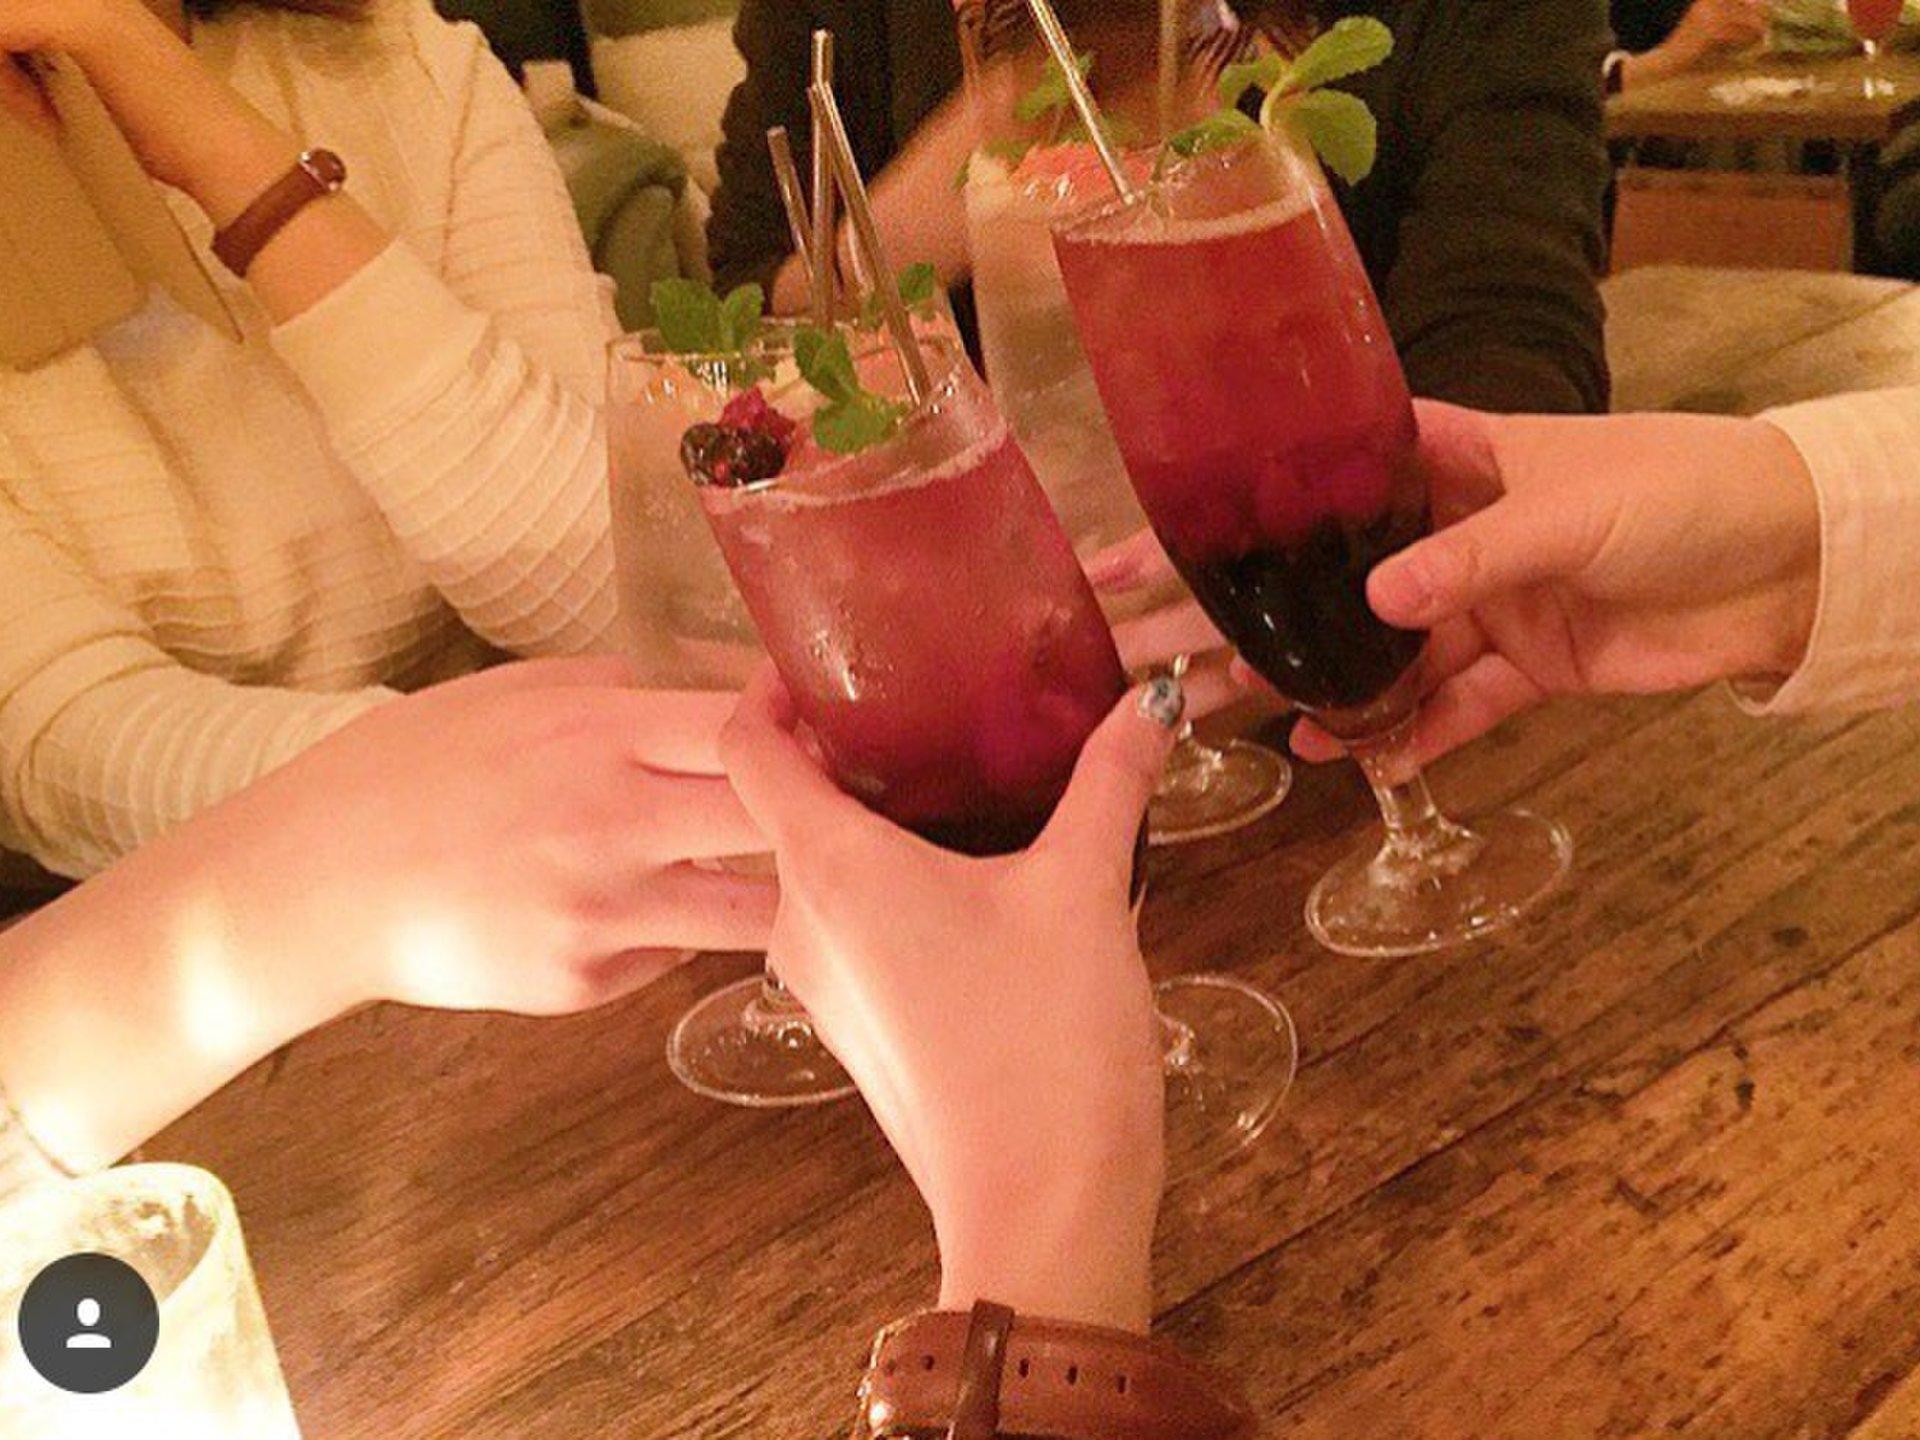 【深夜女子会は渋谷で】始発までゆっくり♡オールできるおしゃれカフェ6選